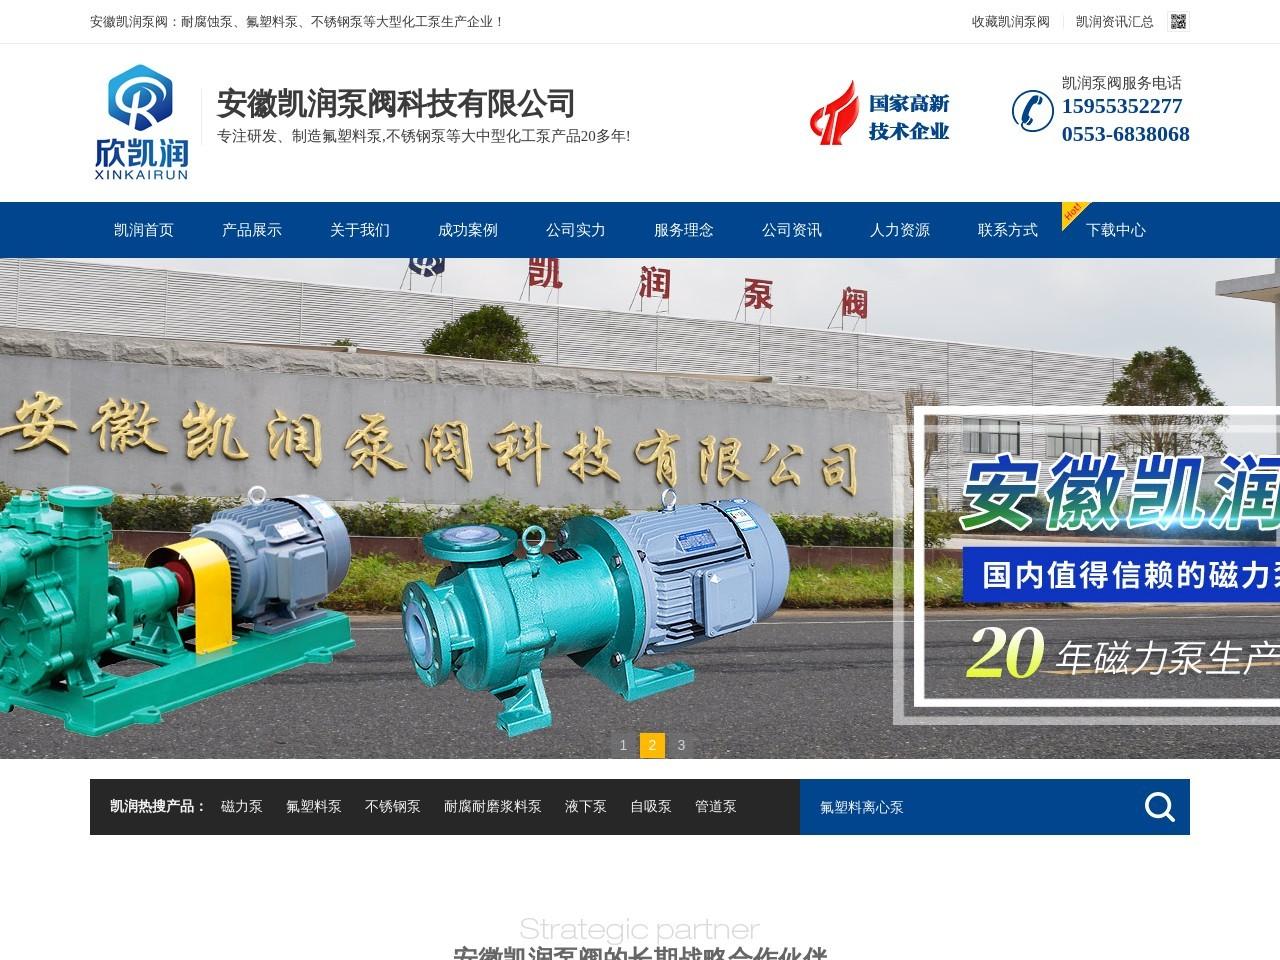 磁力泵_不锈钢泵_耐腐蚀泵_安徽凯润泵阀集团有限公司